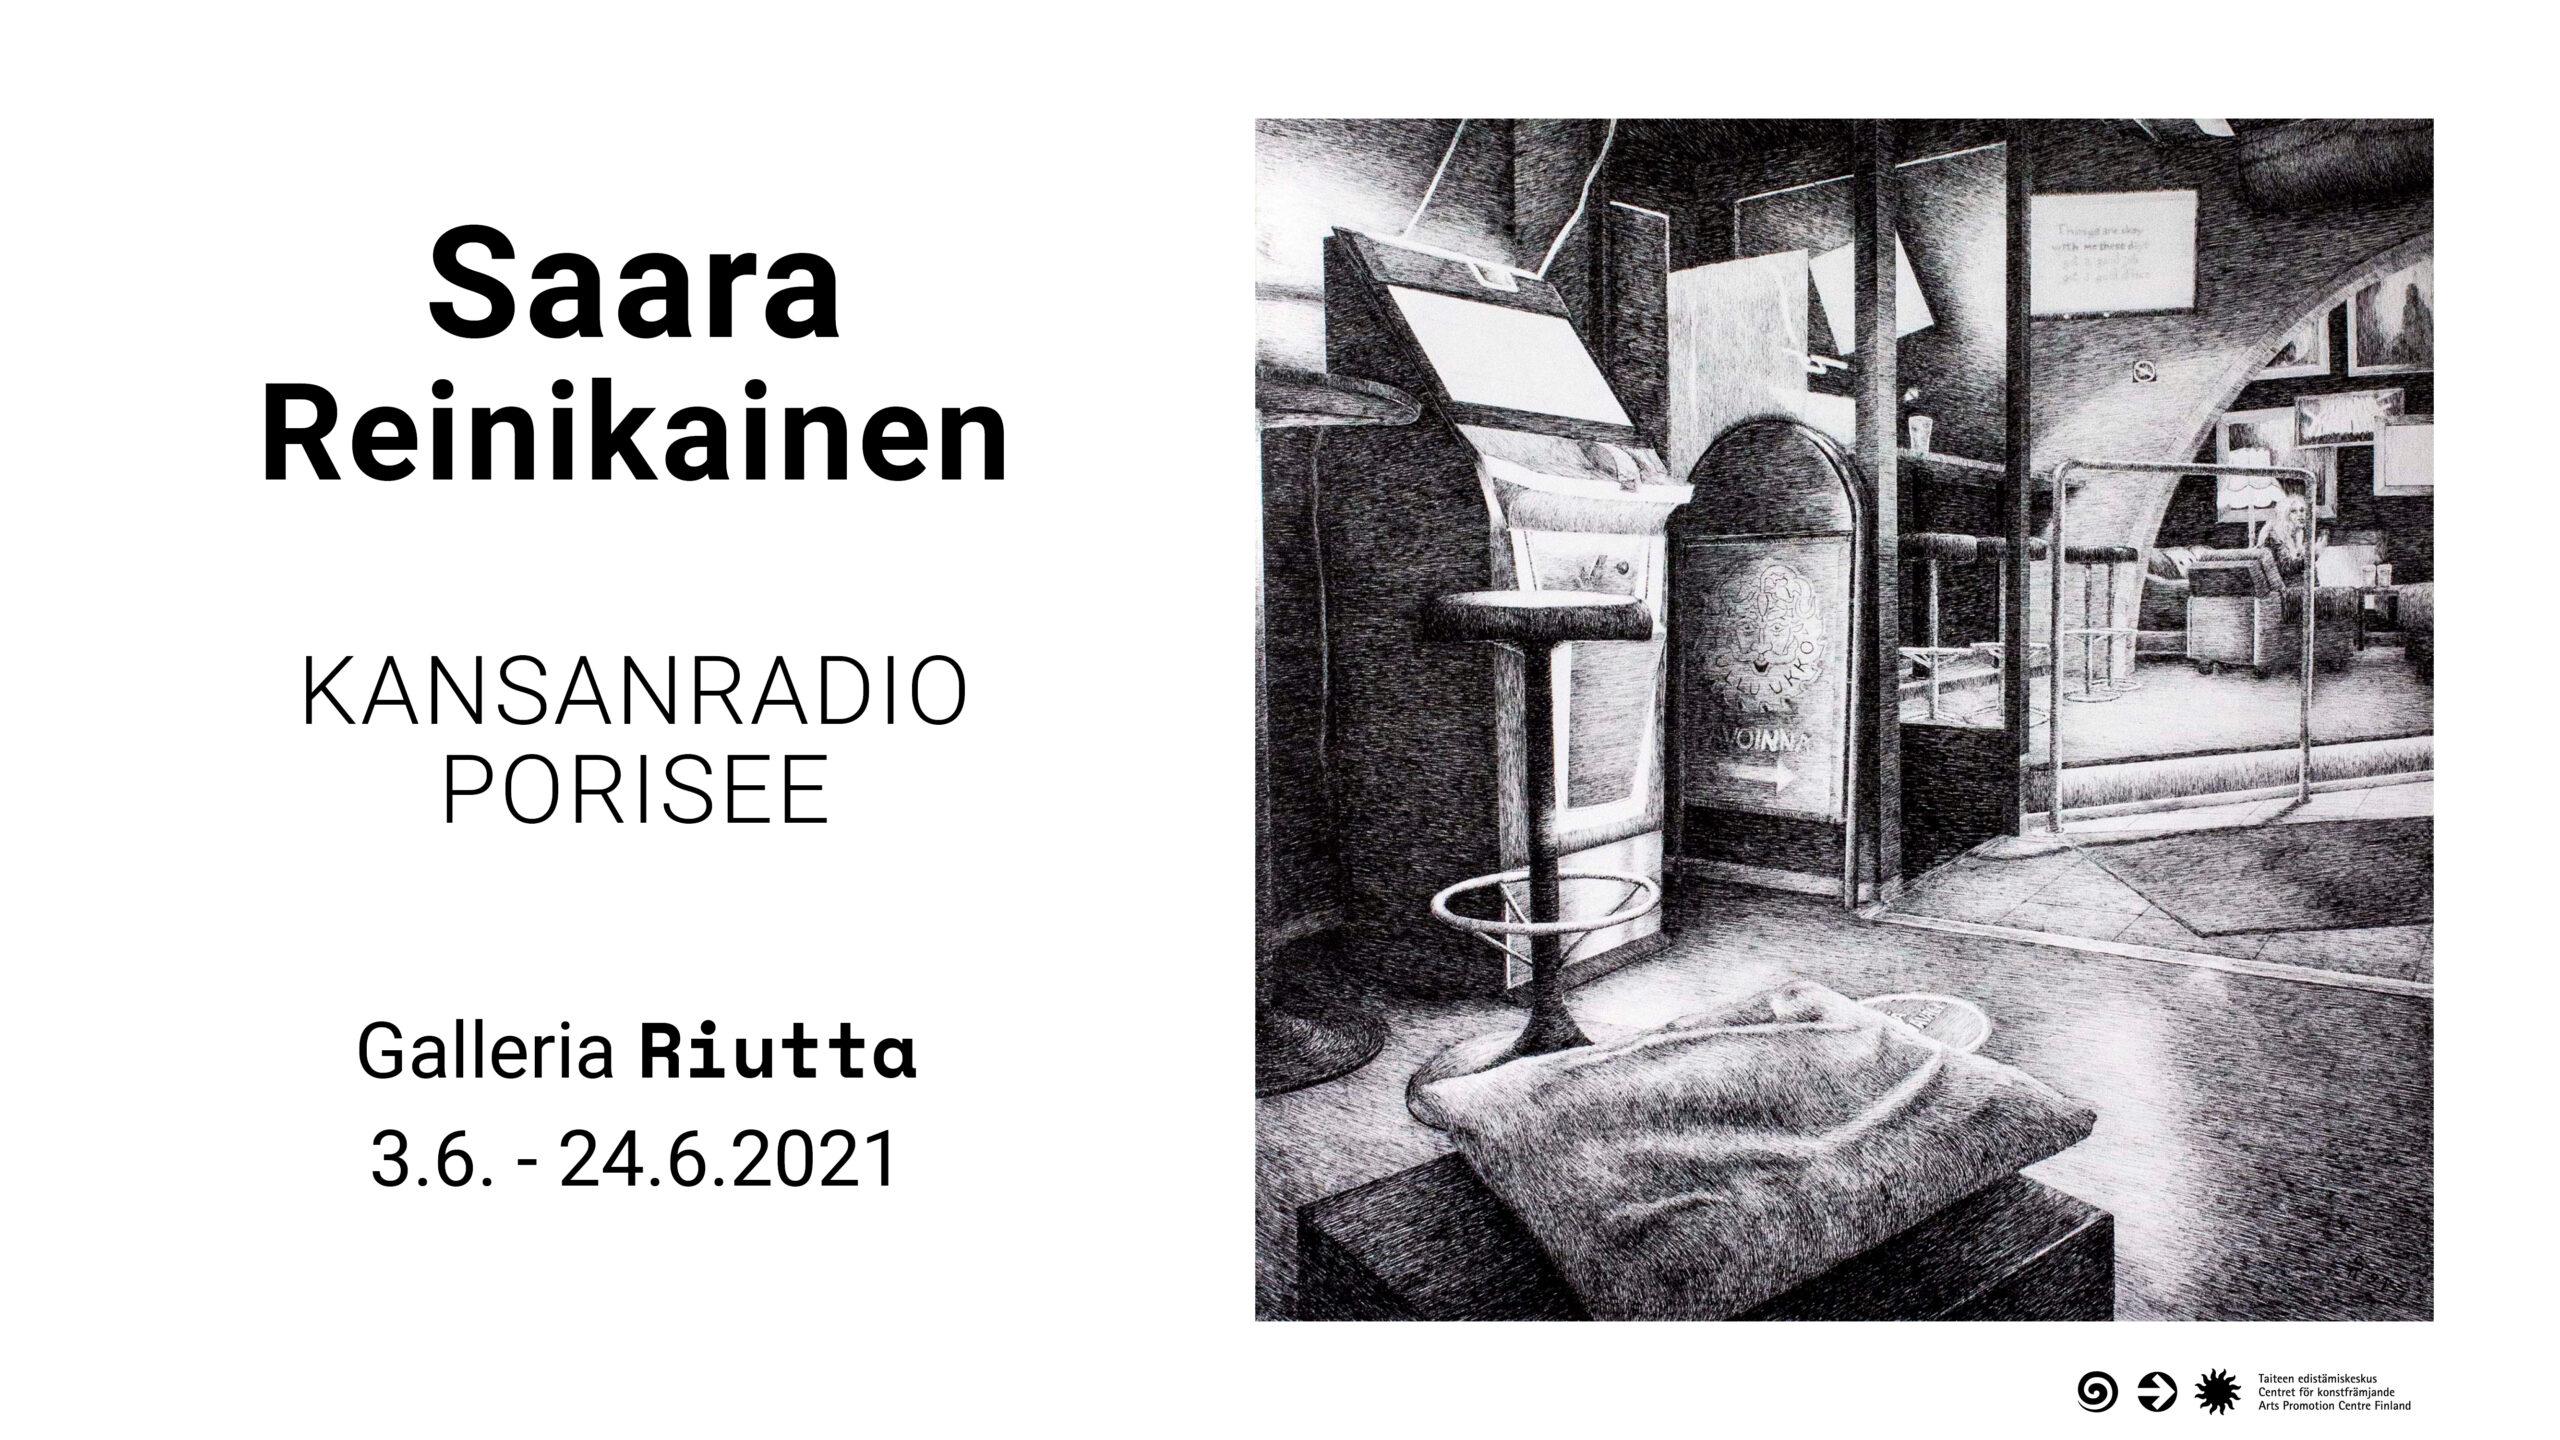 RIUTTA  – Saara Reinikainen — Kansanradio porisee 3.6. -24.6.2021